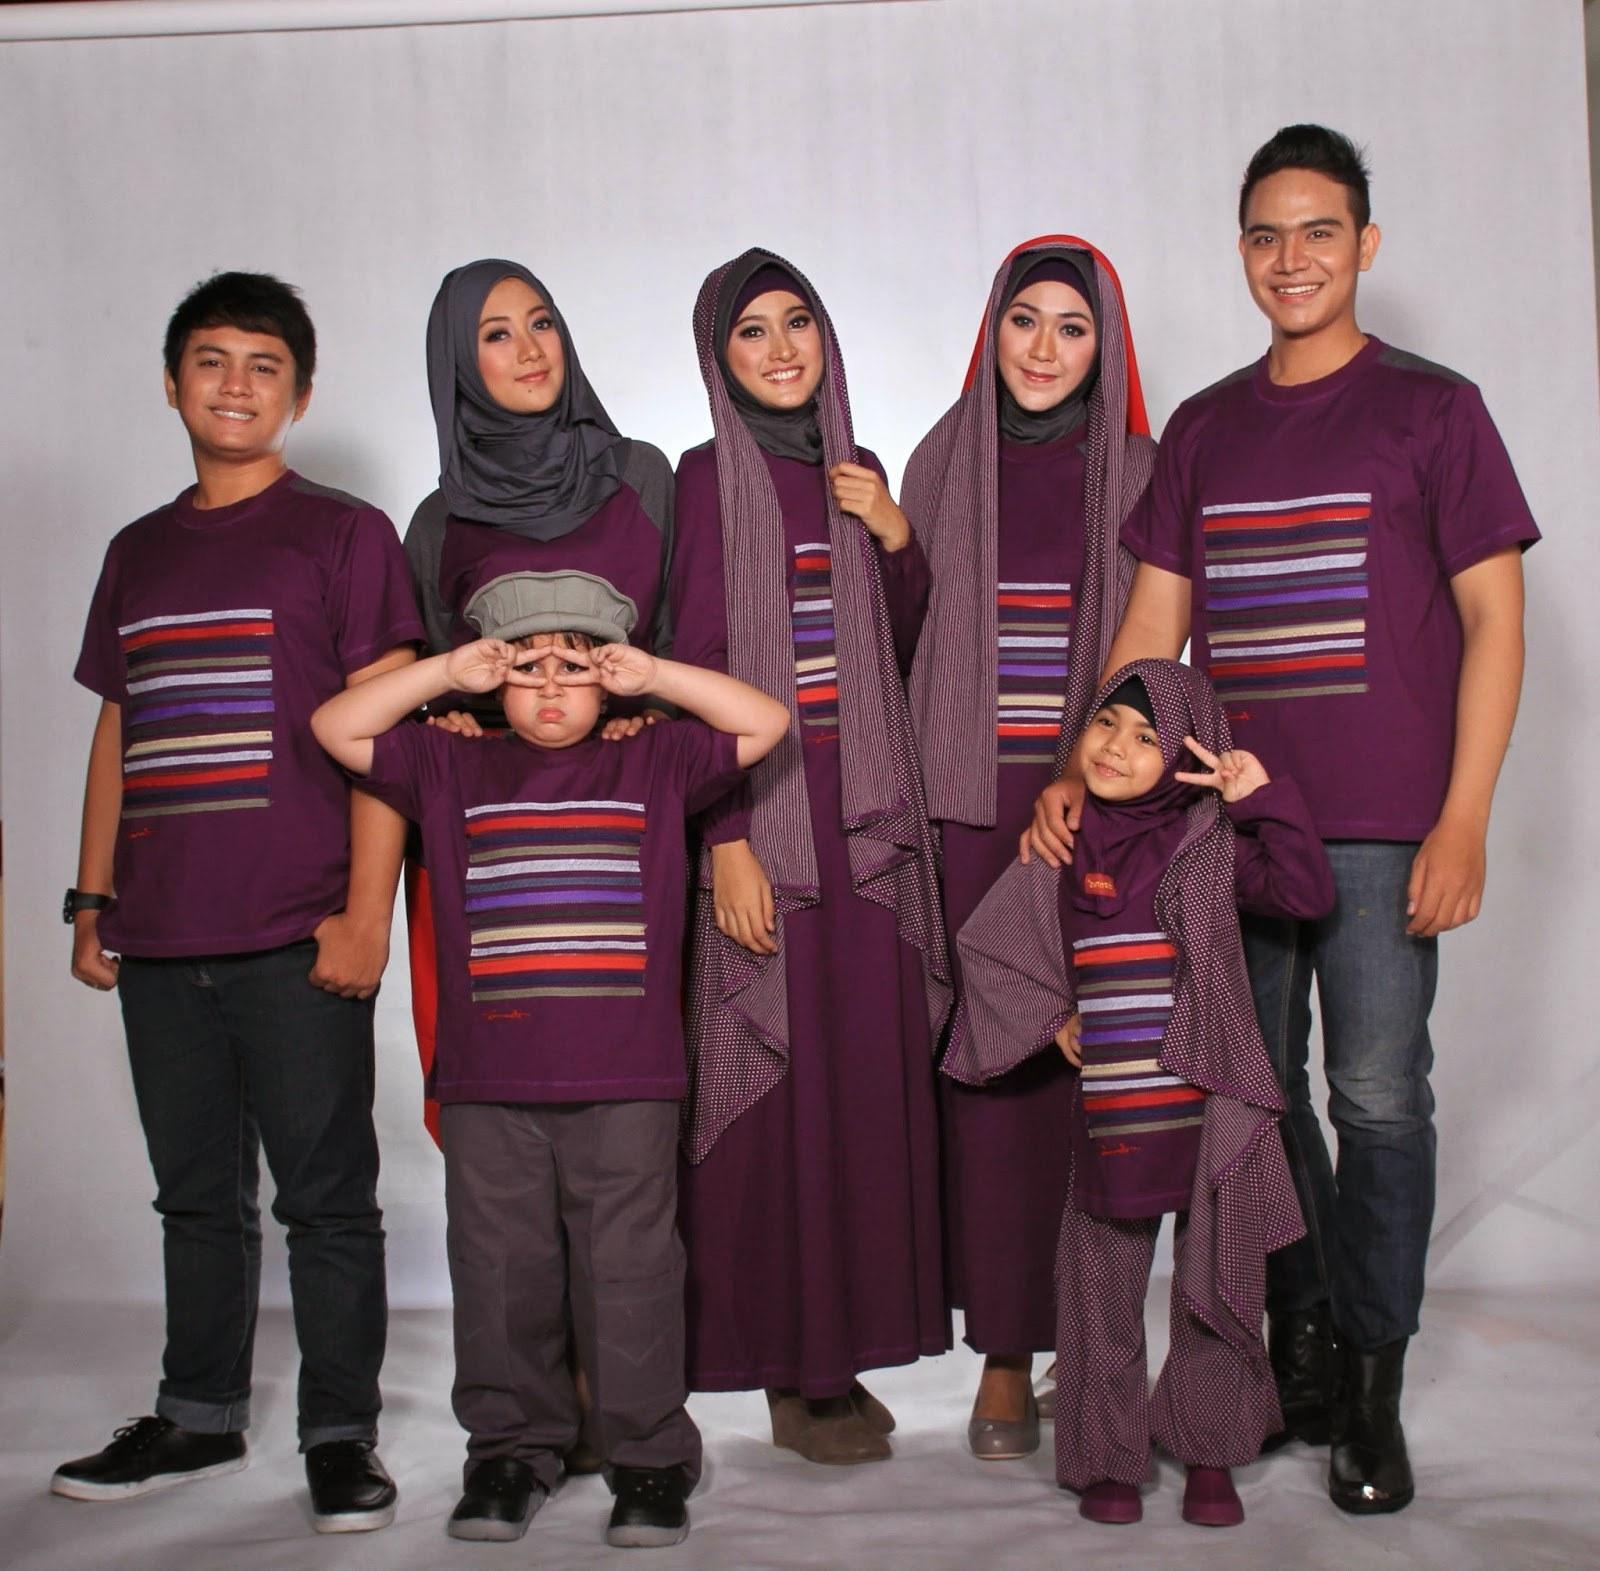 Ide Baju Lebaran Ibu Drdp 25 Model Baju Lebaran Keluarga 2018 Kompak & Modis